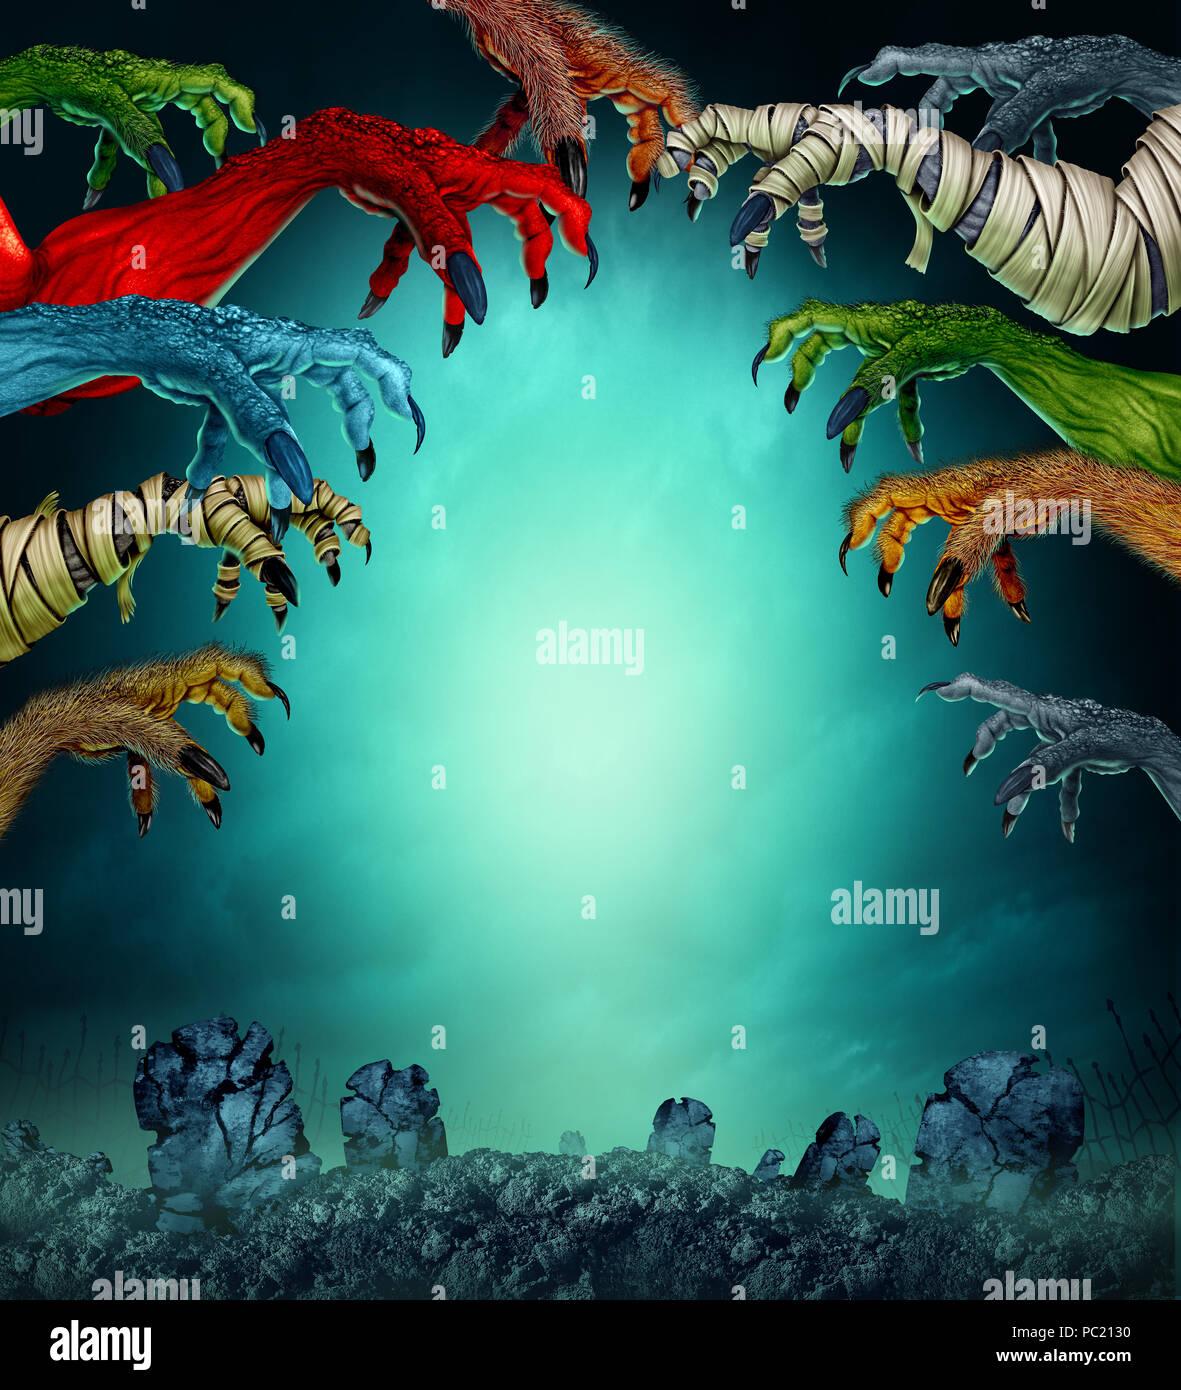 Monstruos en un espeluznante cementerio como agarrando zombie momia, lobo y rojo como un demonio creepy halloween diseño de póster con espacio de copia. Imagen De Stock